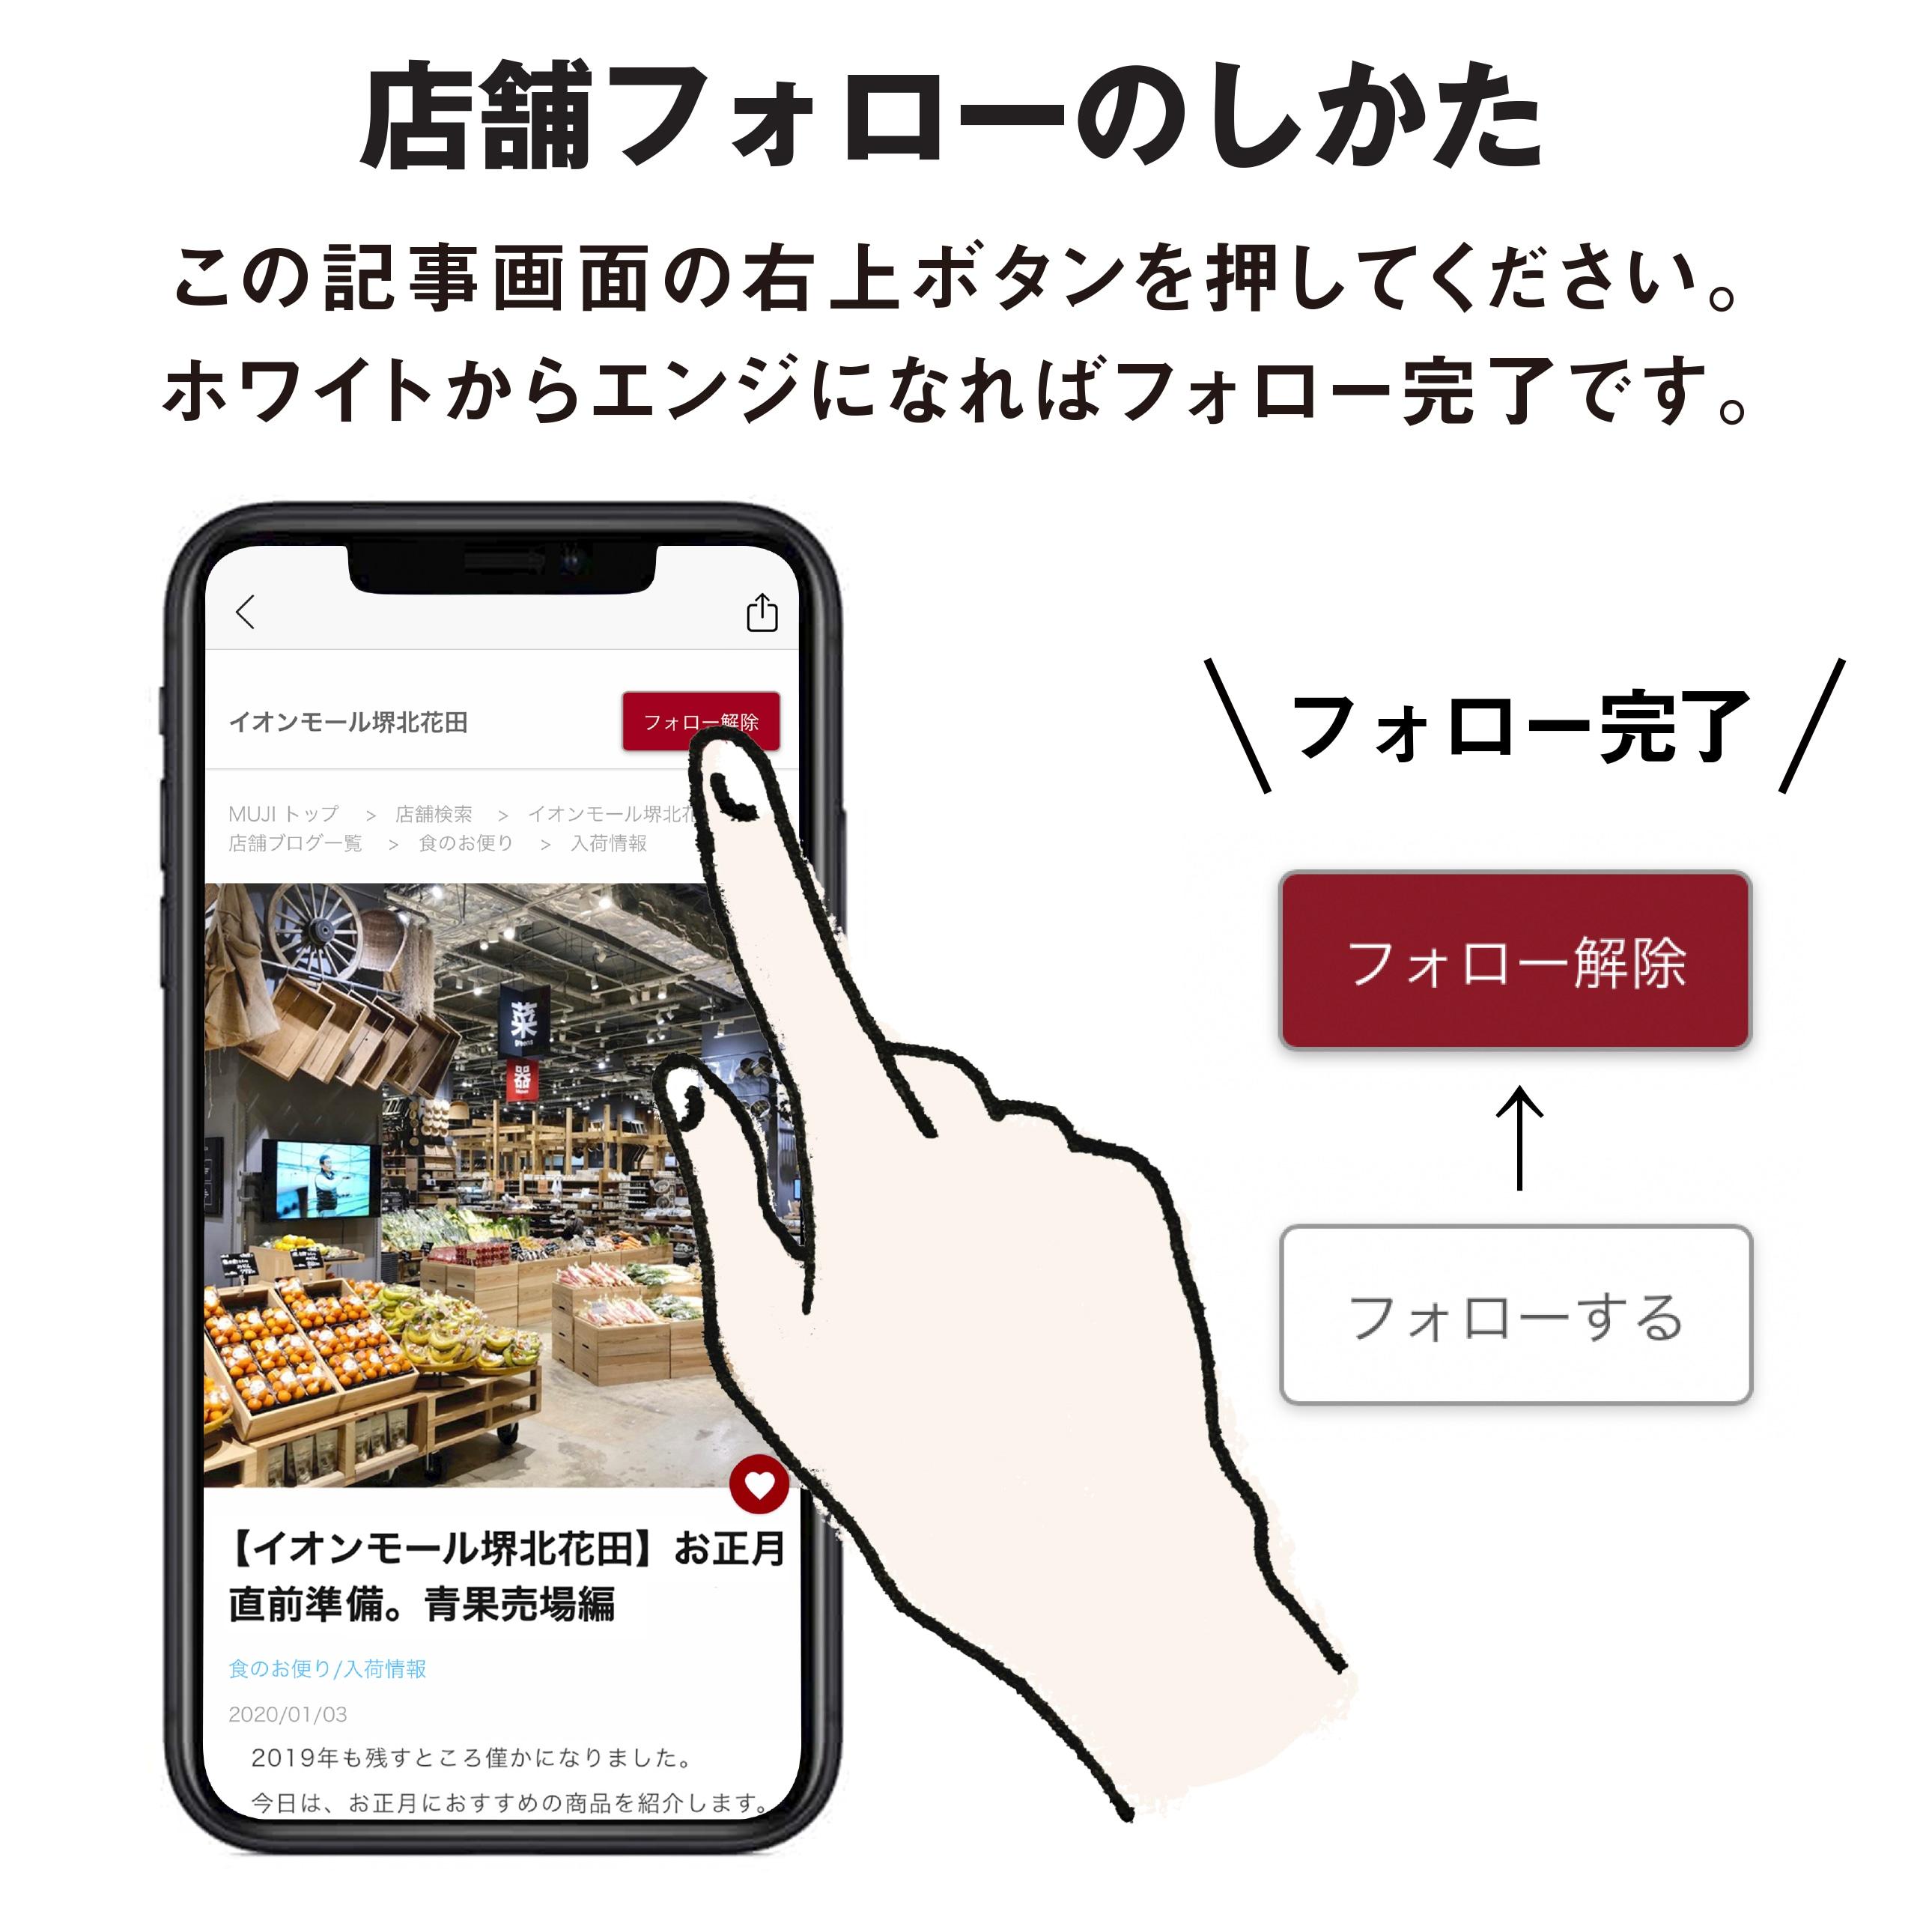 【イオンモール堺北花田】夏の味方 スタイリングアドバイザー